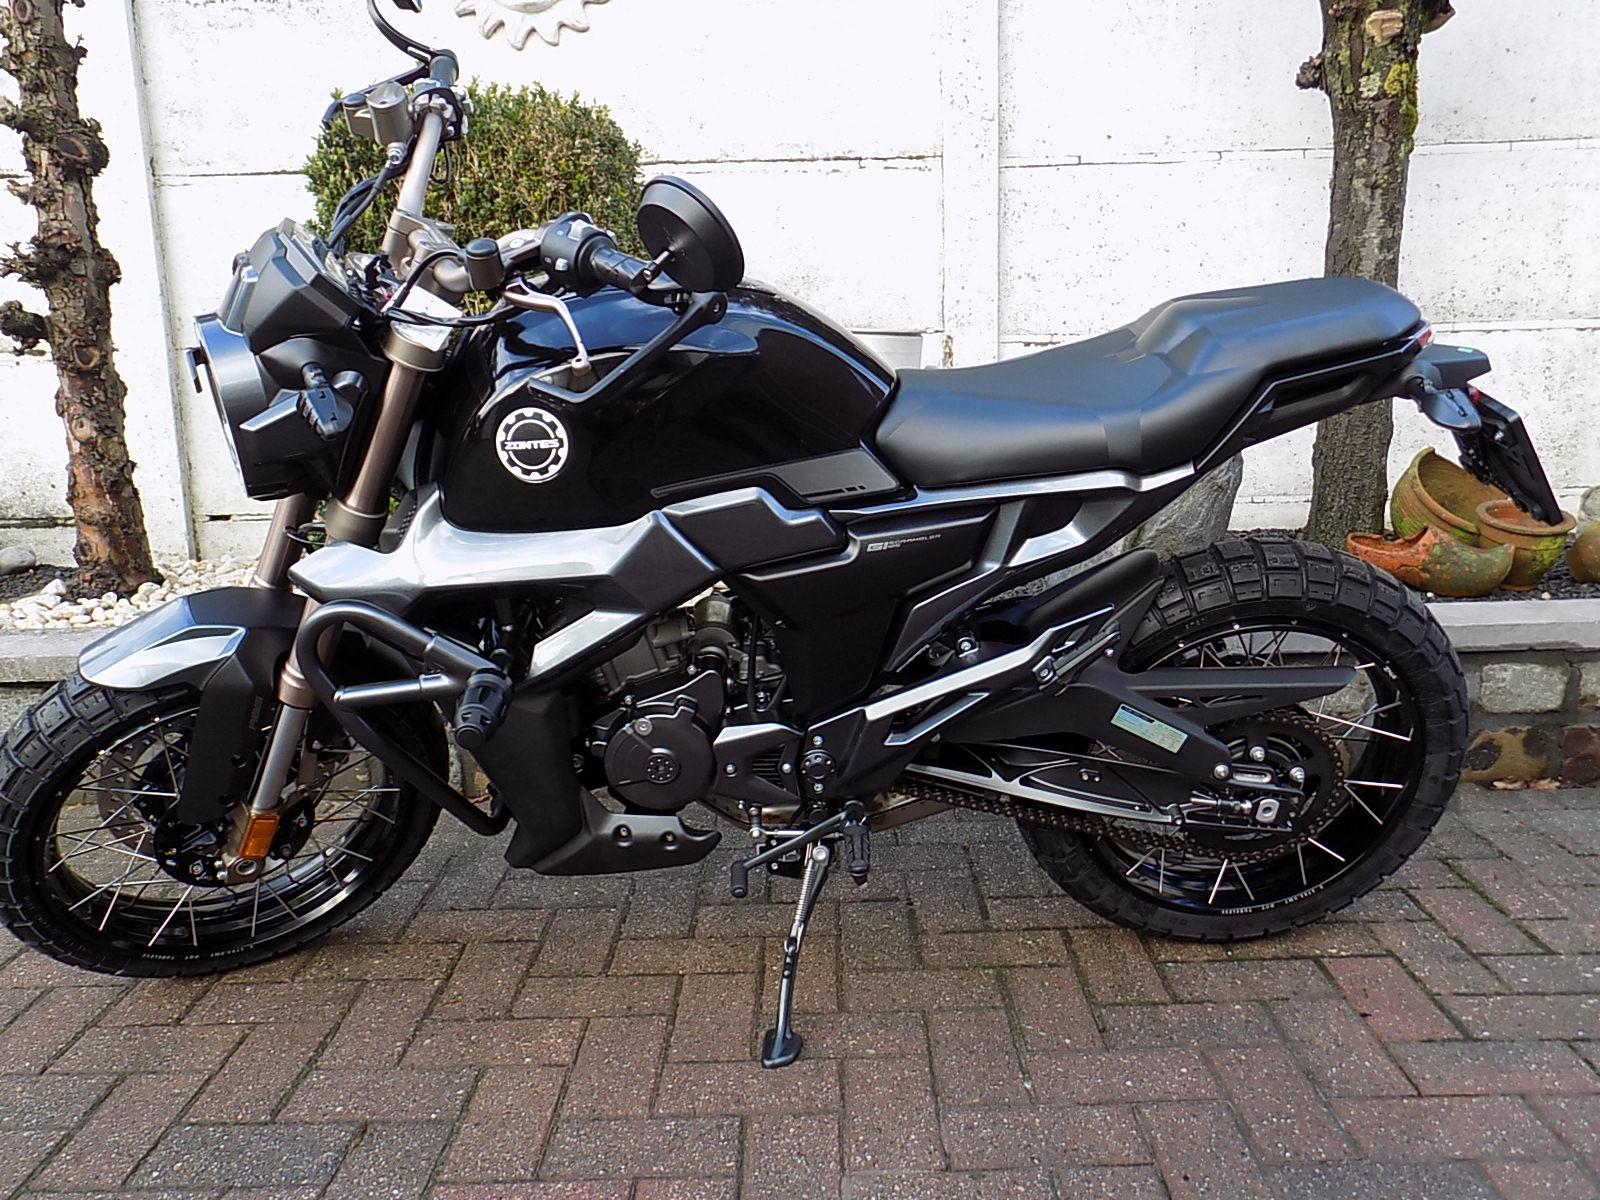 Zontes 125 scrambler café racer moto EURO 5